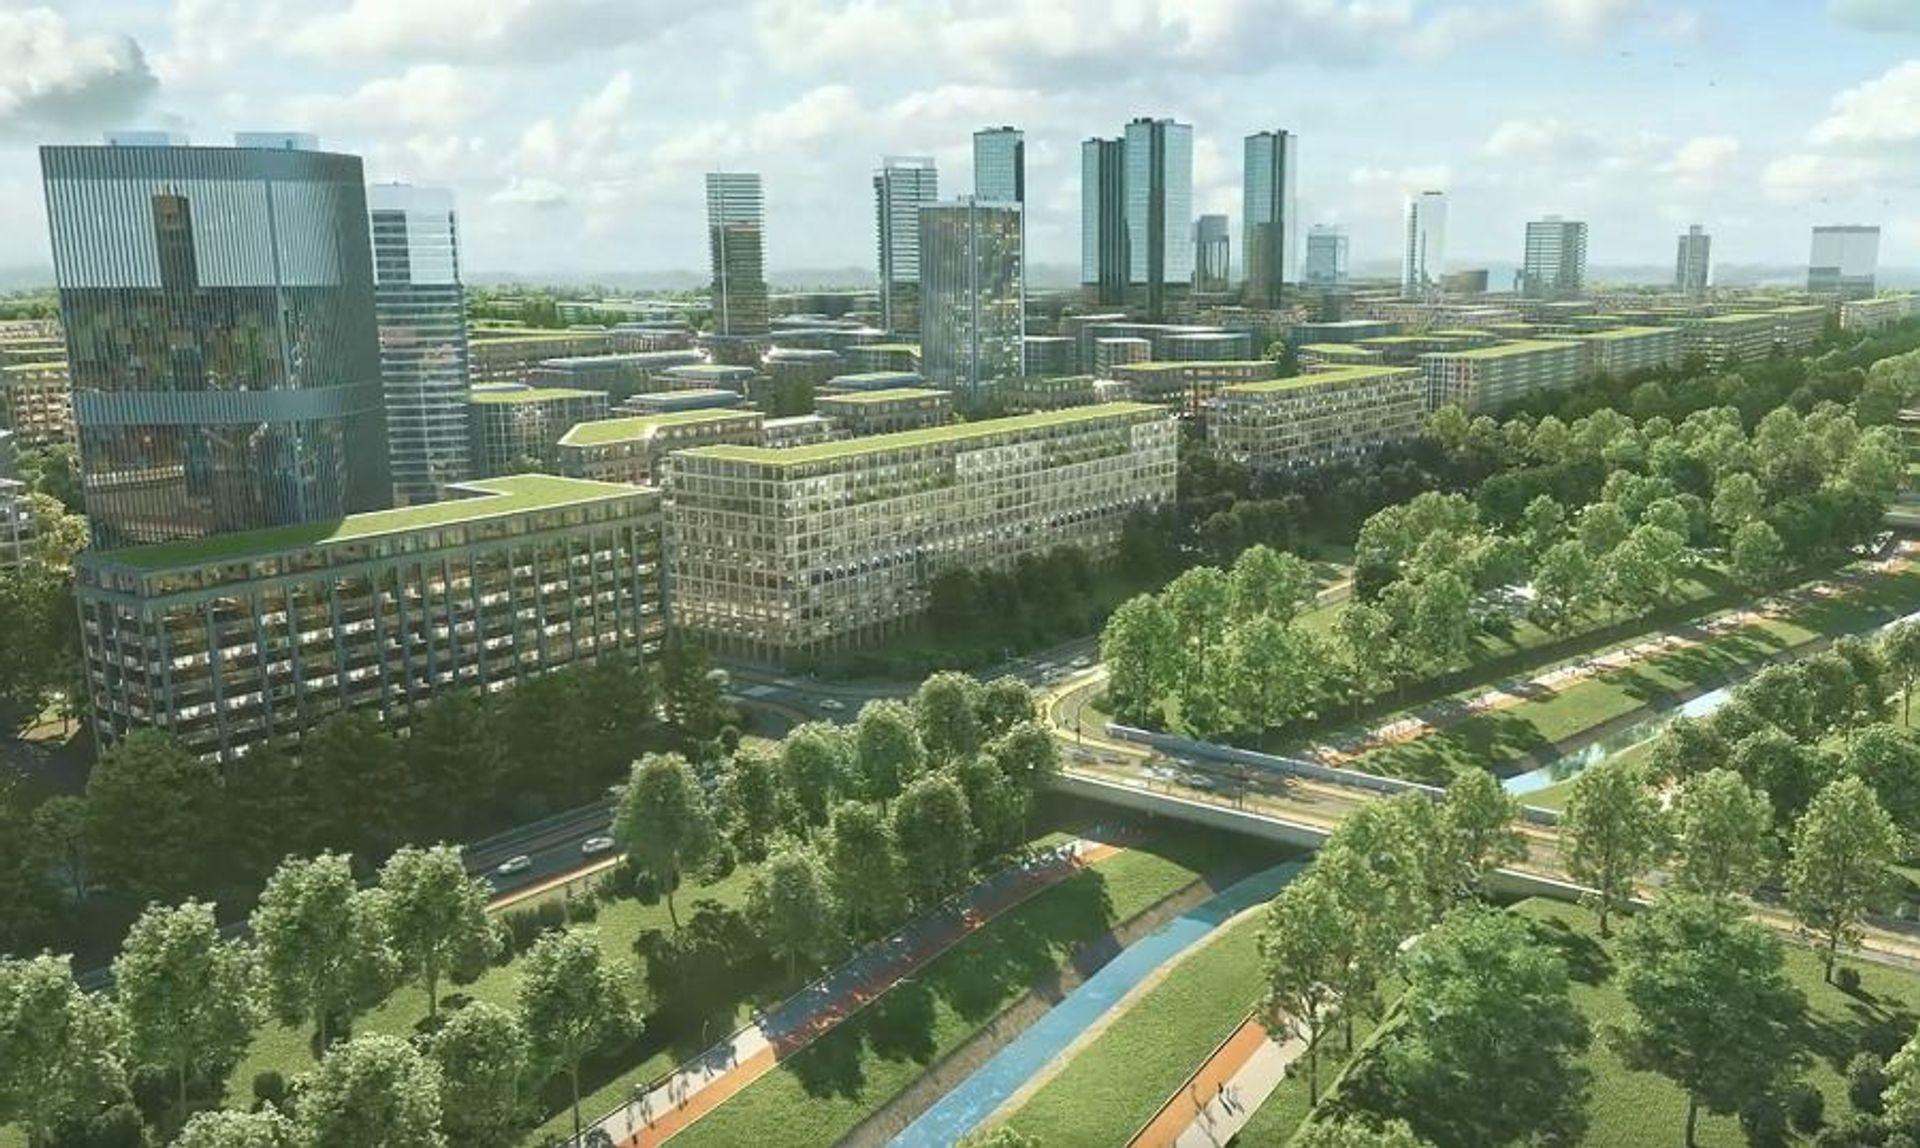 W Krakowie ma powstać nowa dzielnica pełna wieżowców